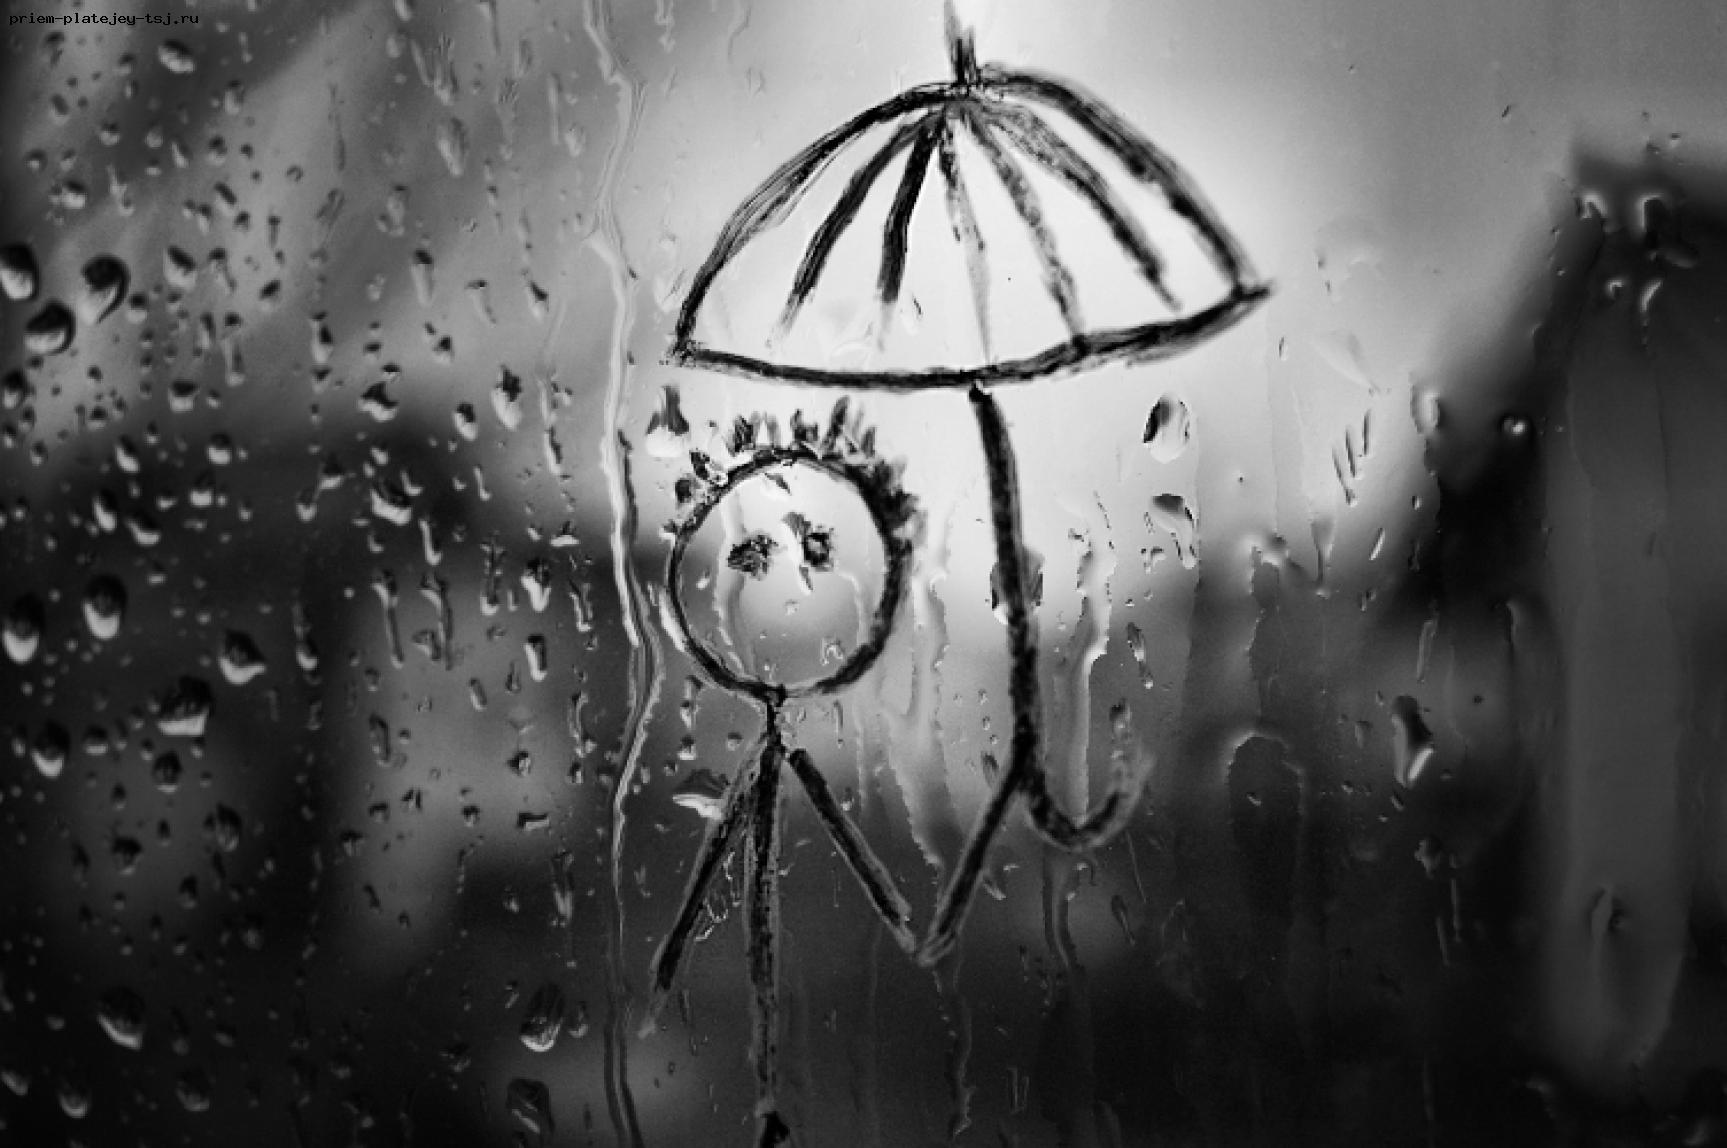 начале картинка грустит погода достаточно просто, так